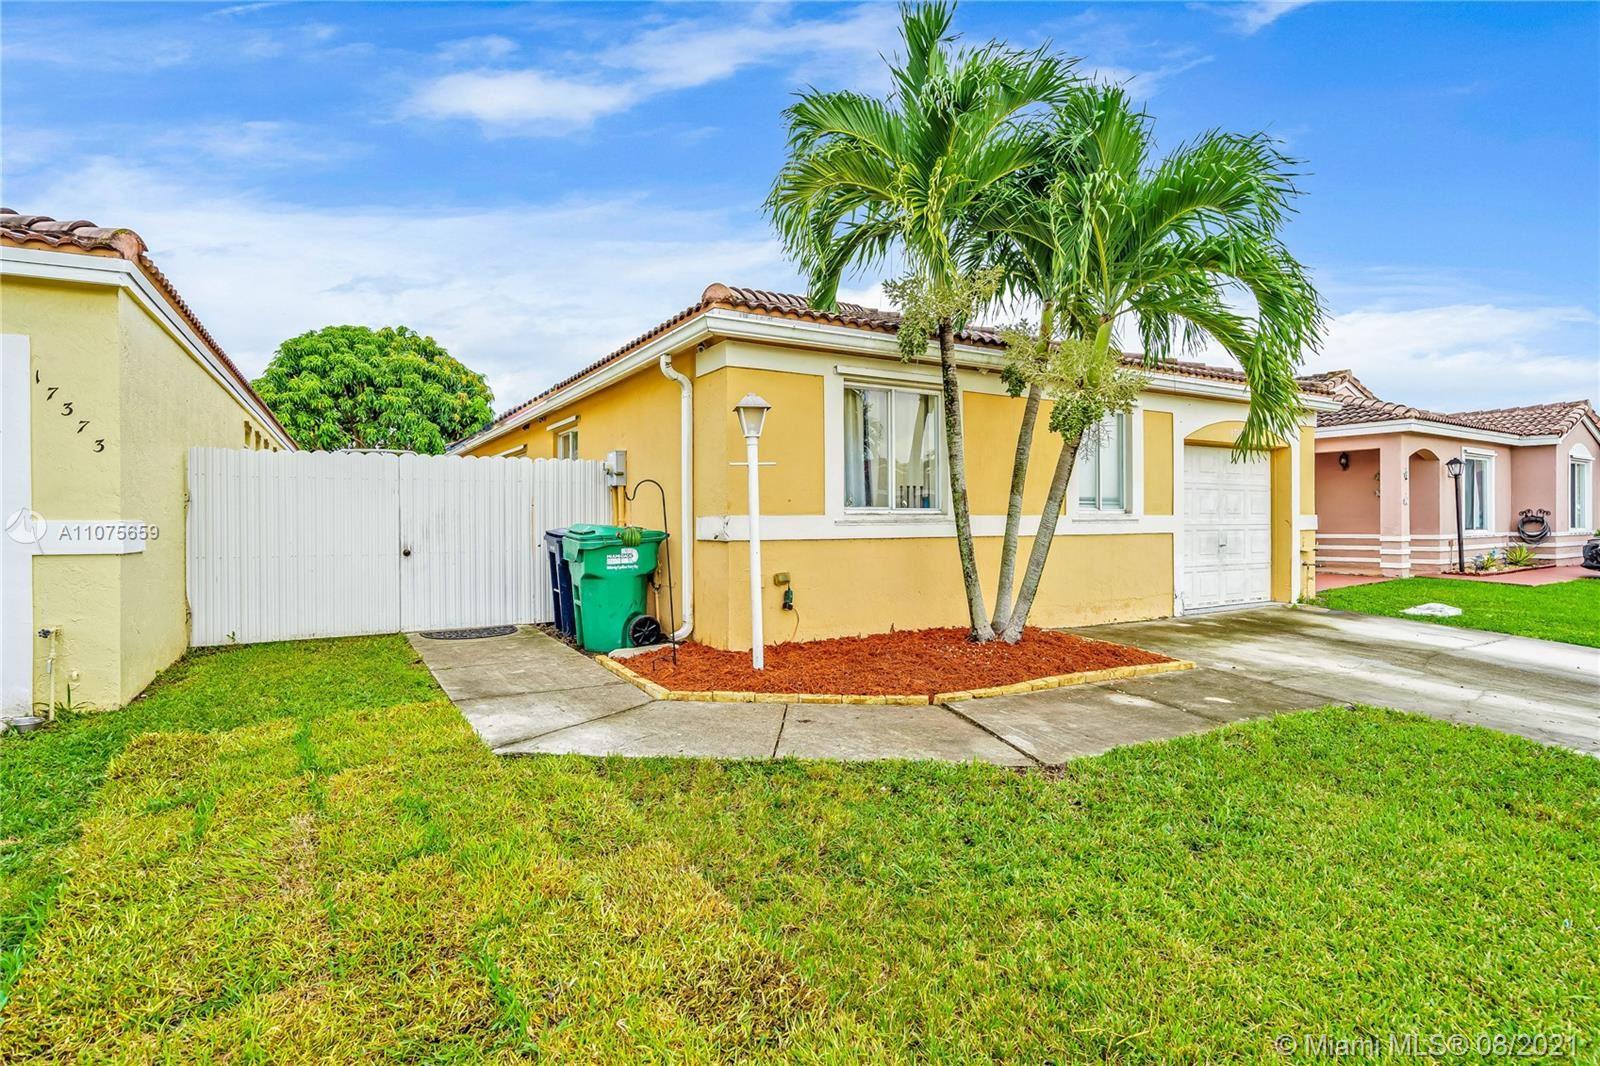 17383 SW 142nd Pl, Miami, FL 33177 - #: A11075659